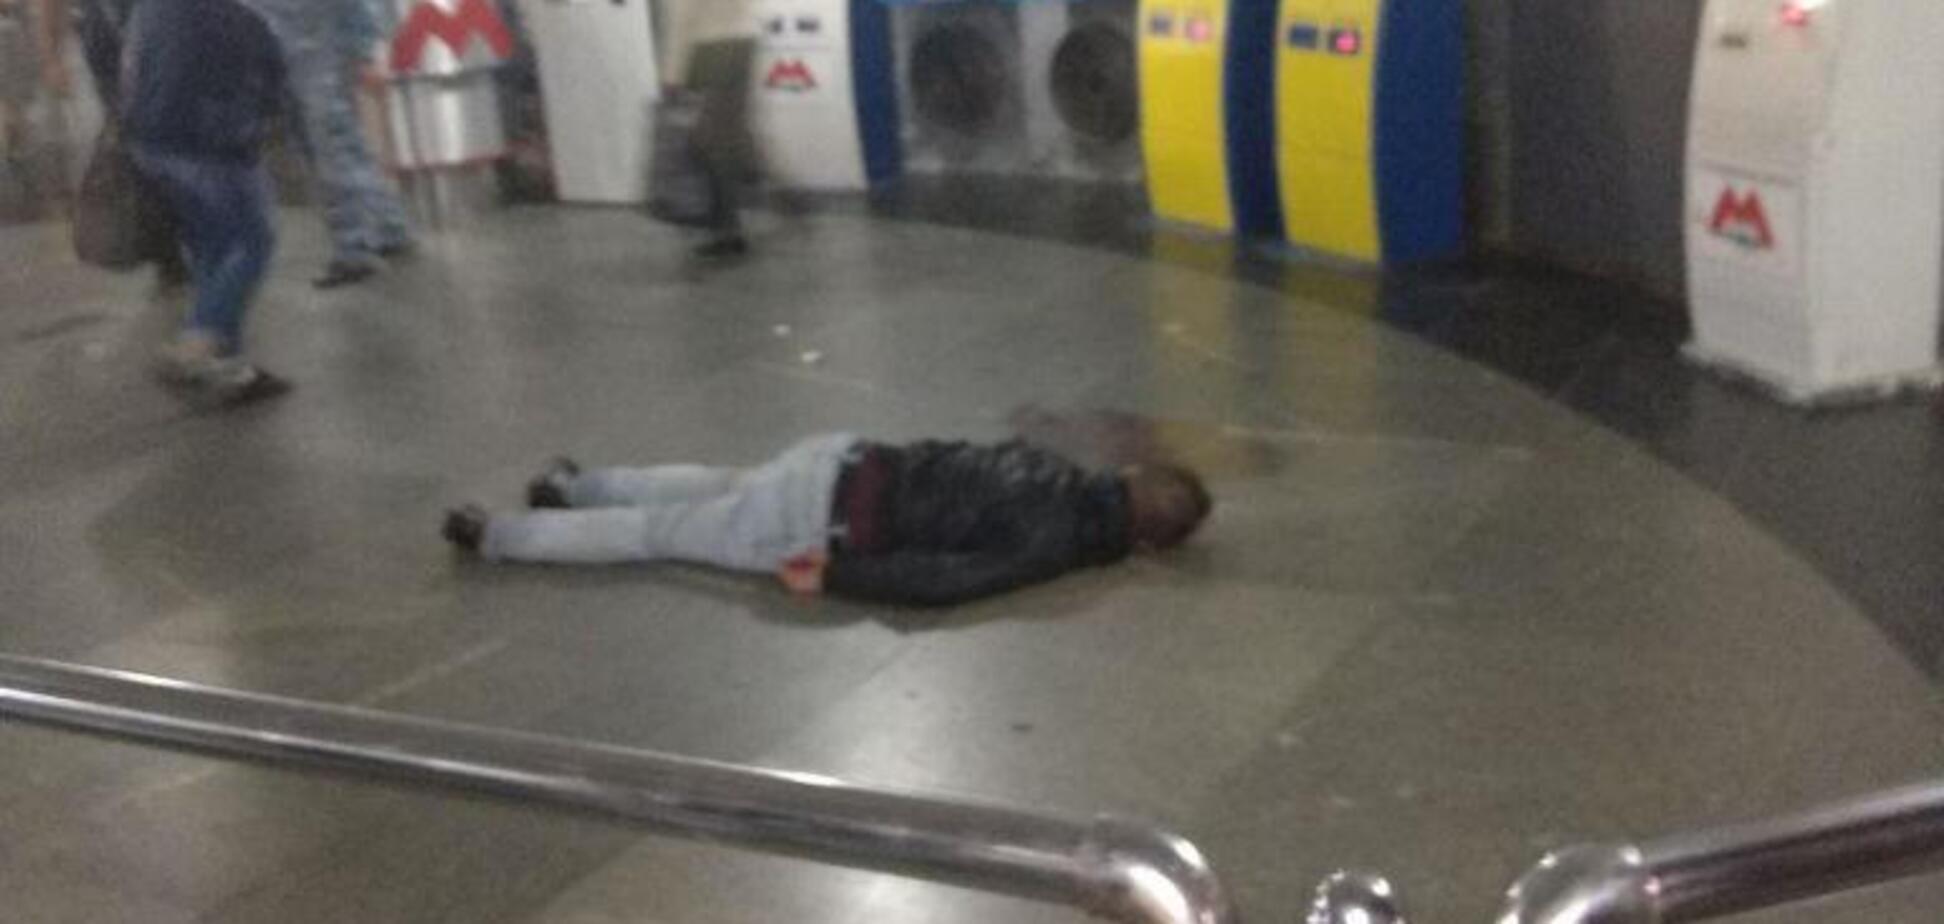 Залив підлогу кров'ю: у поліції розкрили несподівані деталі НП у метро Харкова